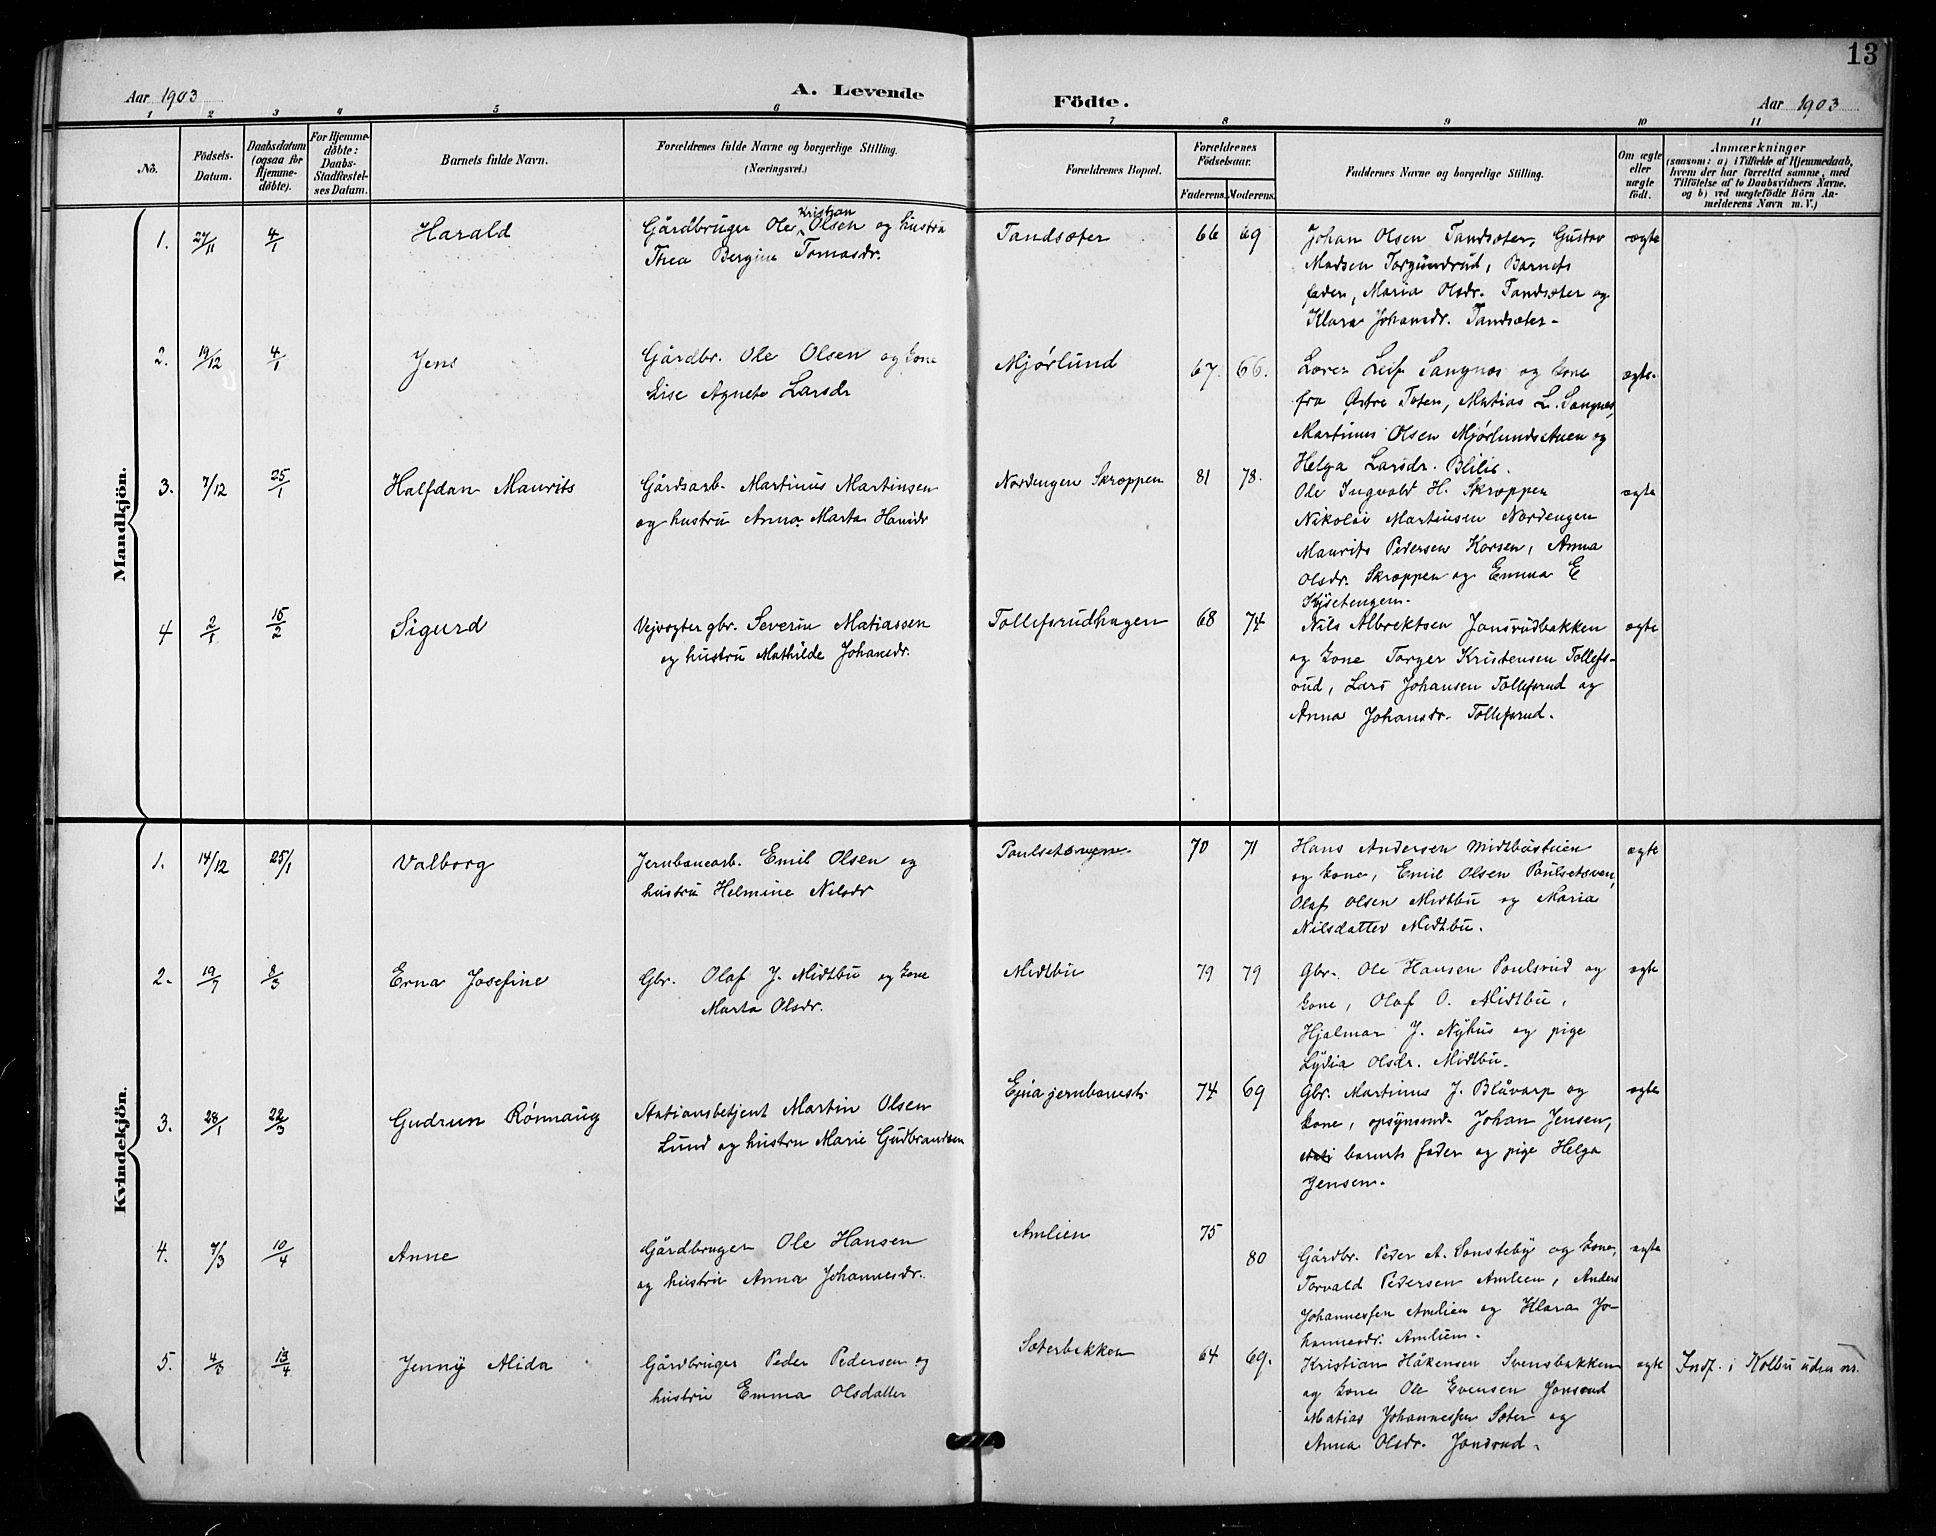 SAH, Vestre Toten prestekontor, Klokkerbok nr. 16, 1901-1915, s. 13